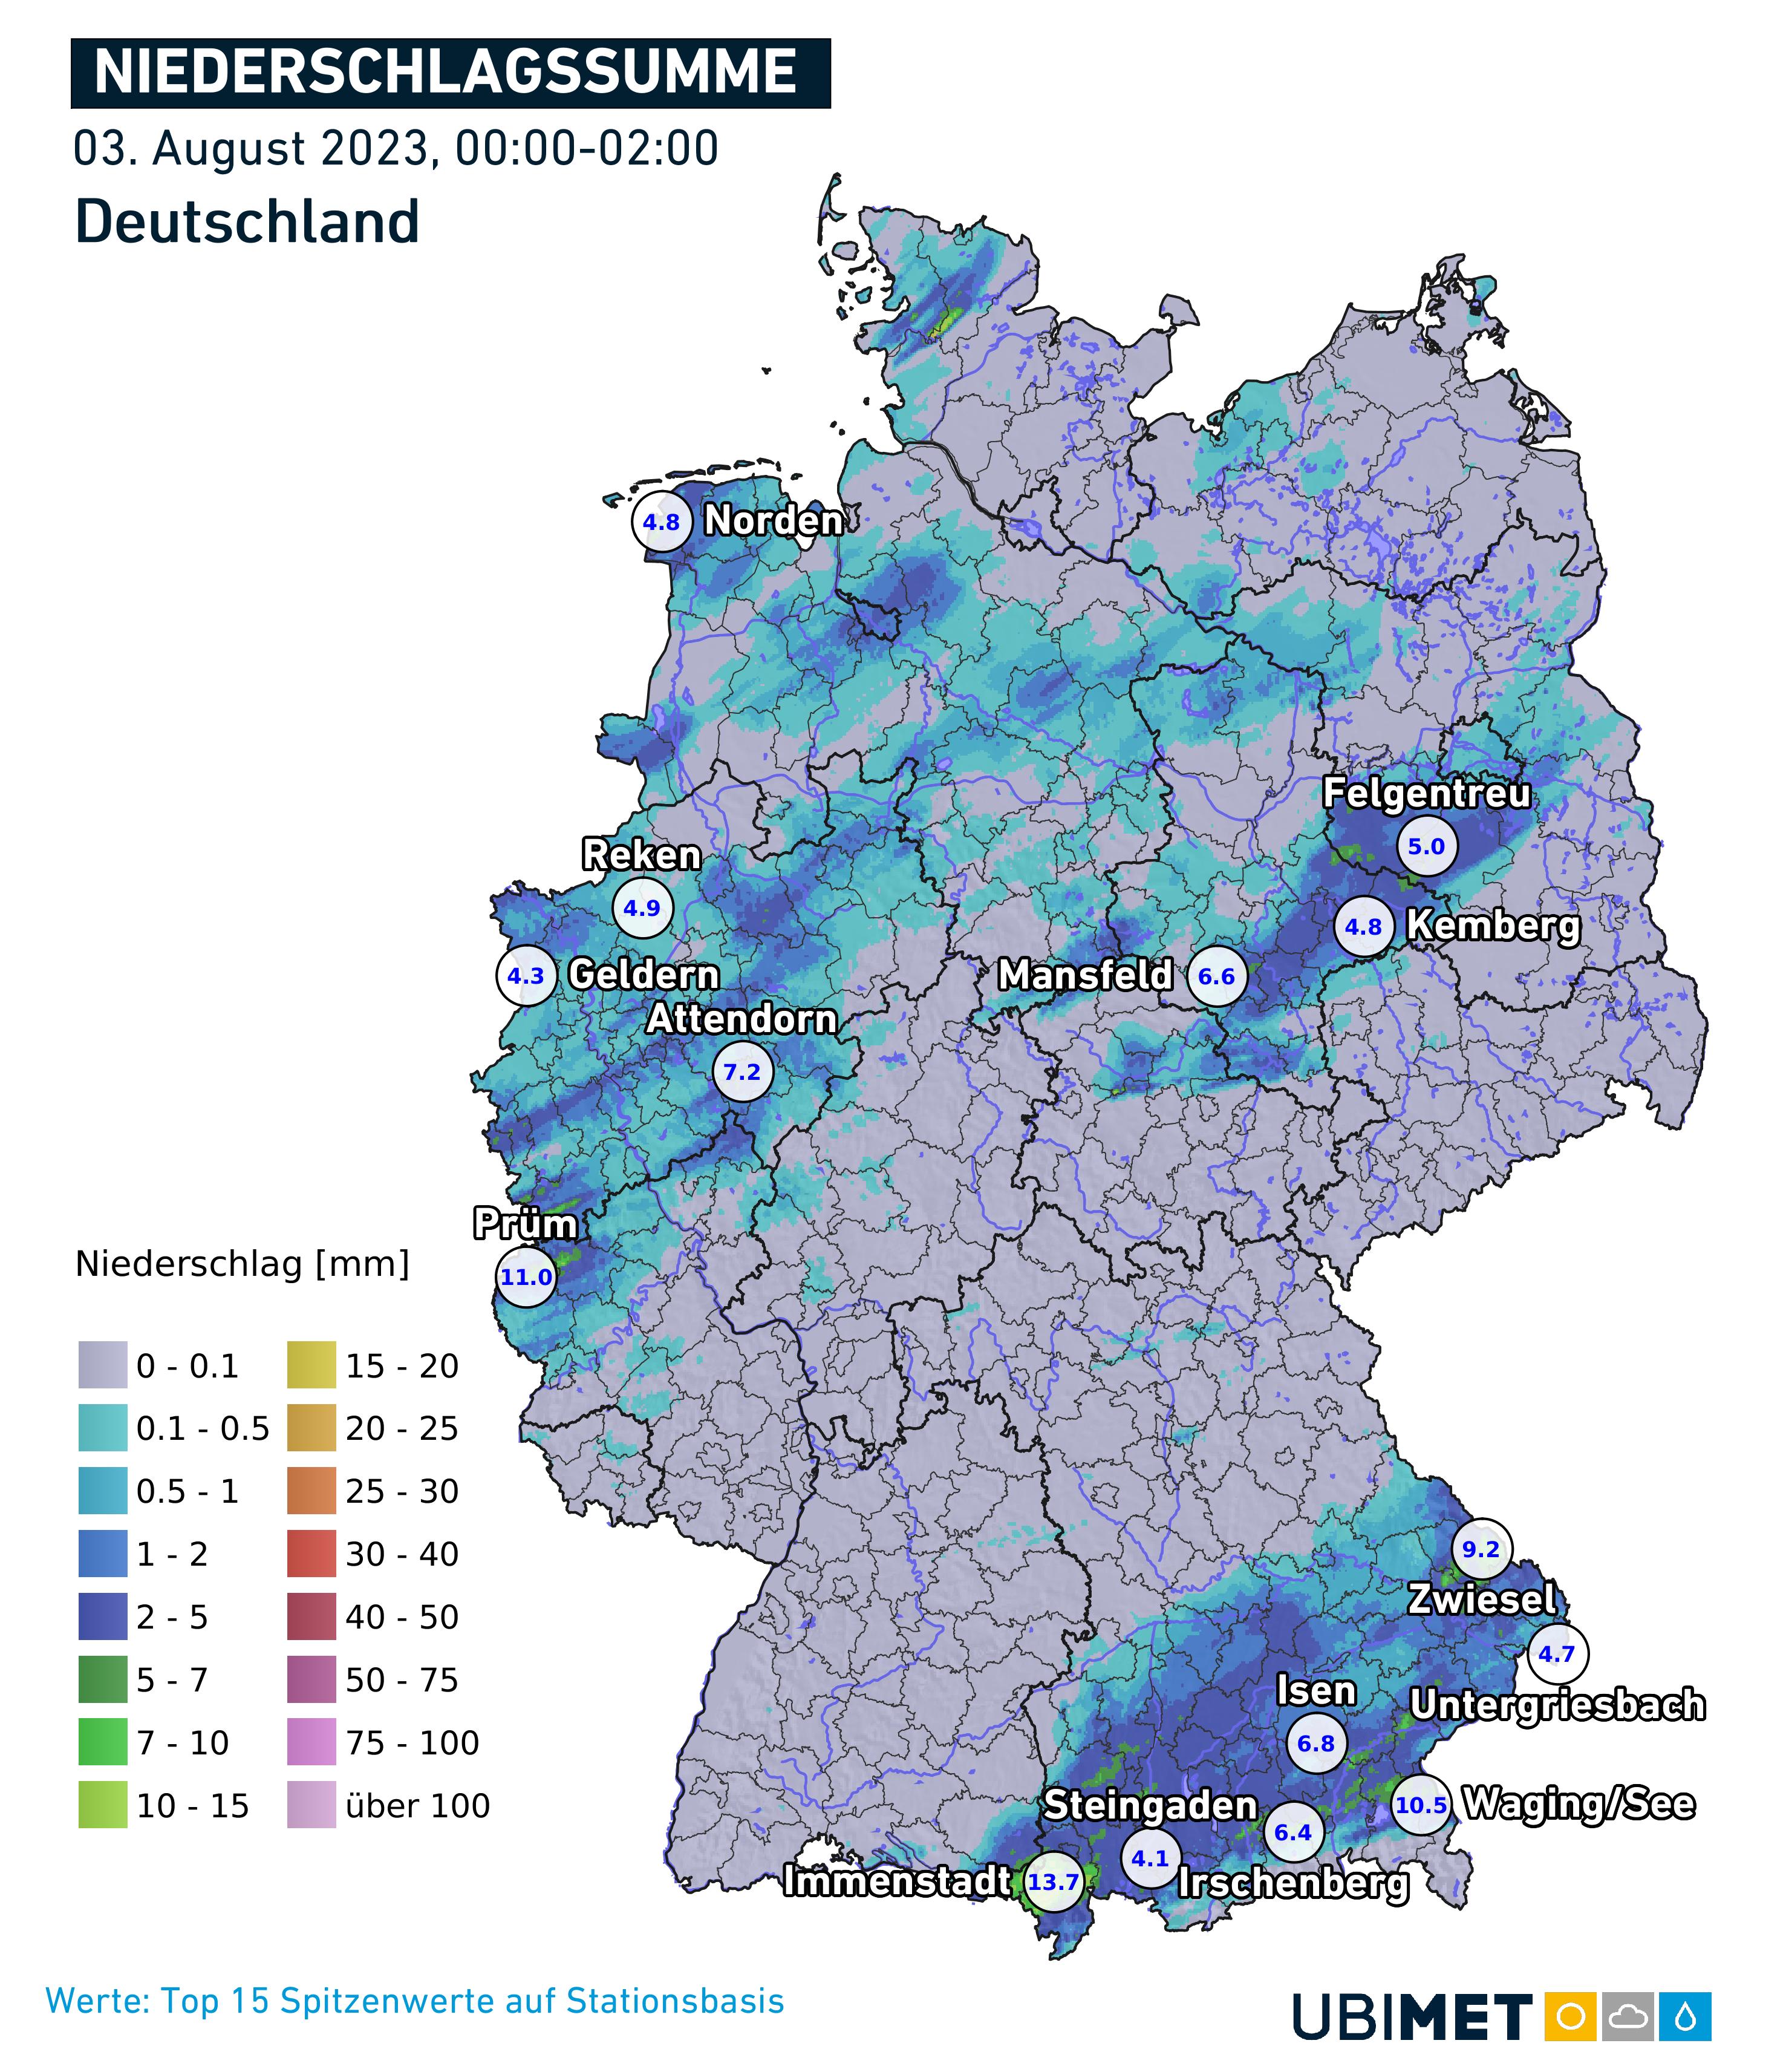 Niederschlagssumme durch Regen und Schnee in Deutschland heute.